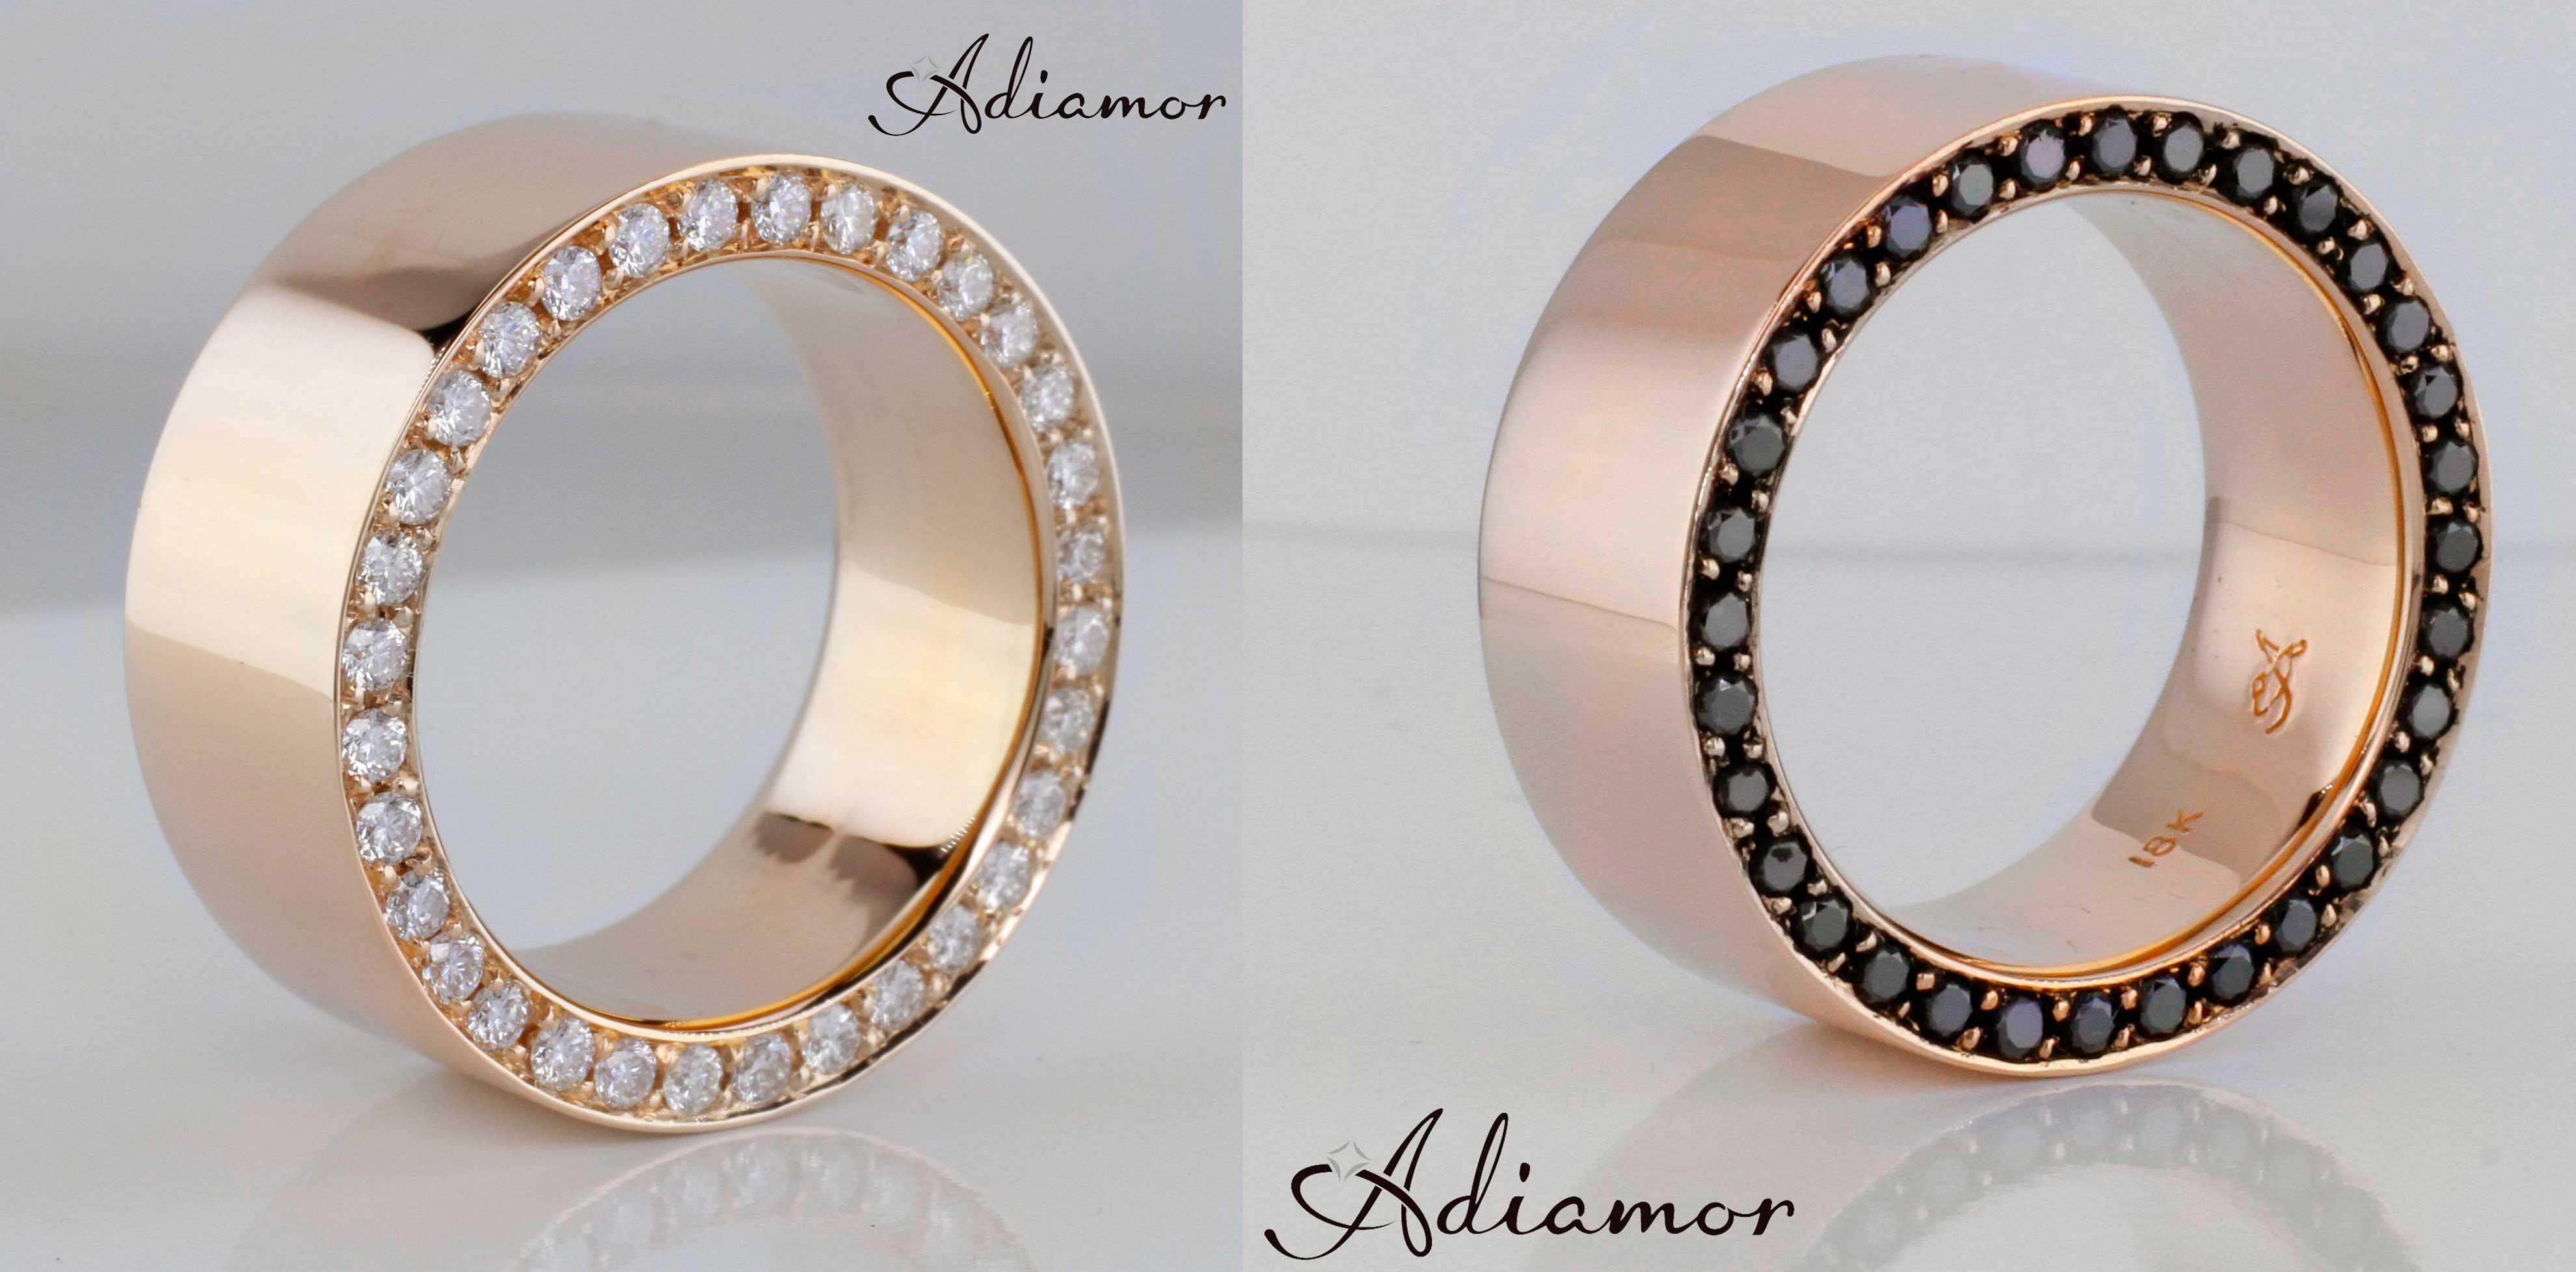 Adiamor's custom made rose gold men's bands with white or